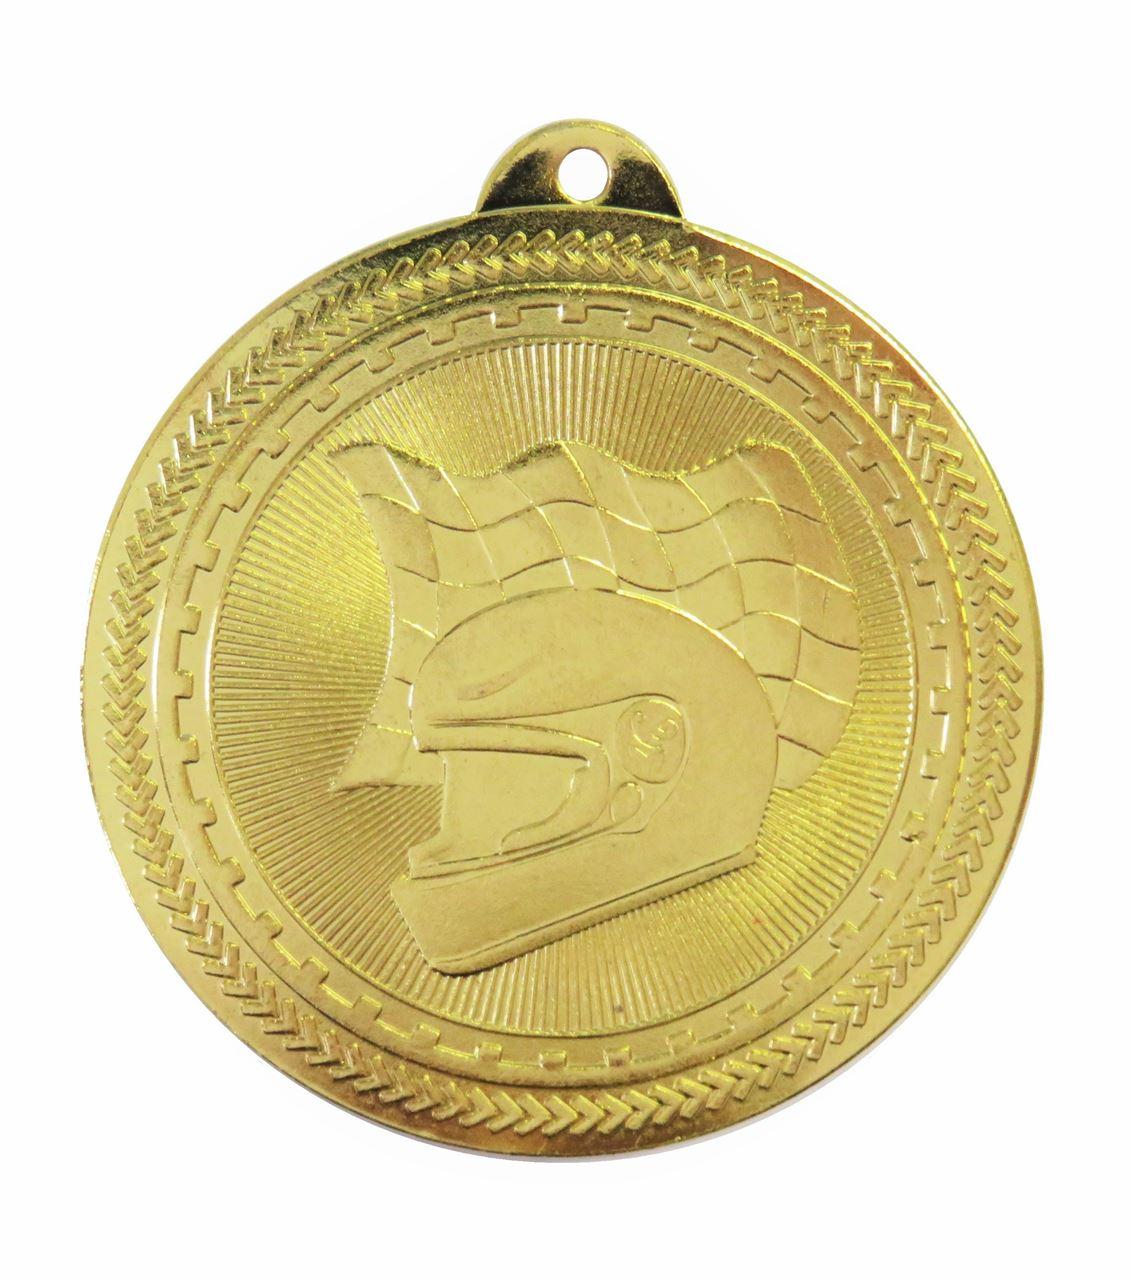 Gold Super Value Motor Racing Medal (size: 50mm) - 63509